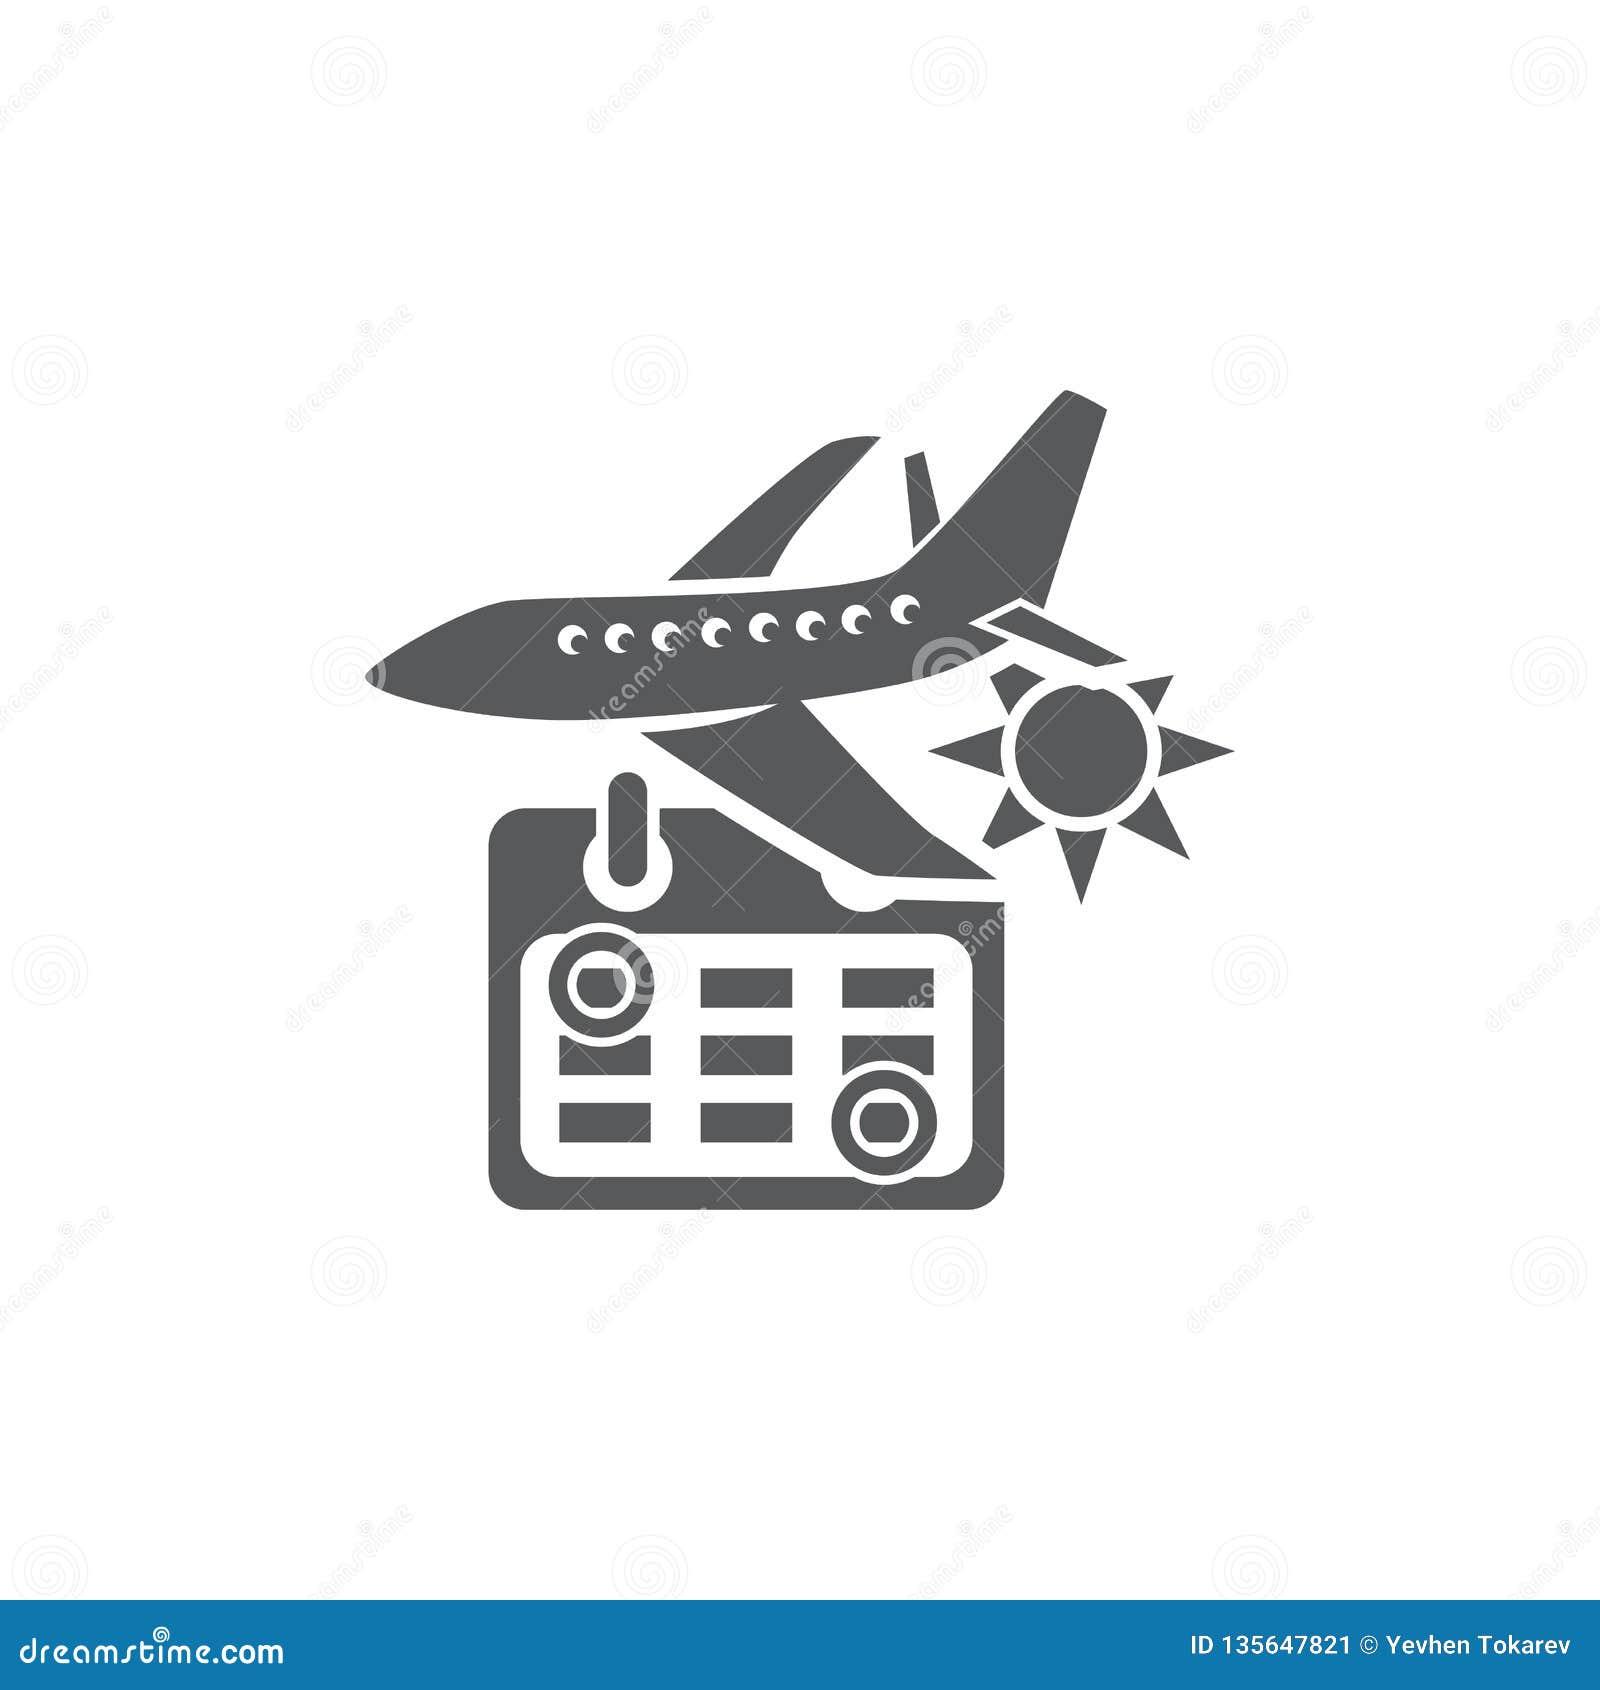 Calendrier Soleil.Avion Calendrier Et Soleil D Illustration De Vecteur